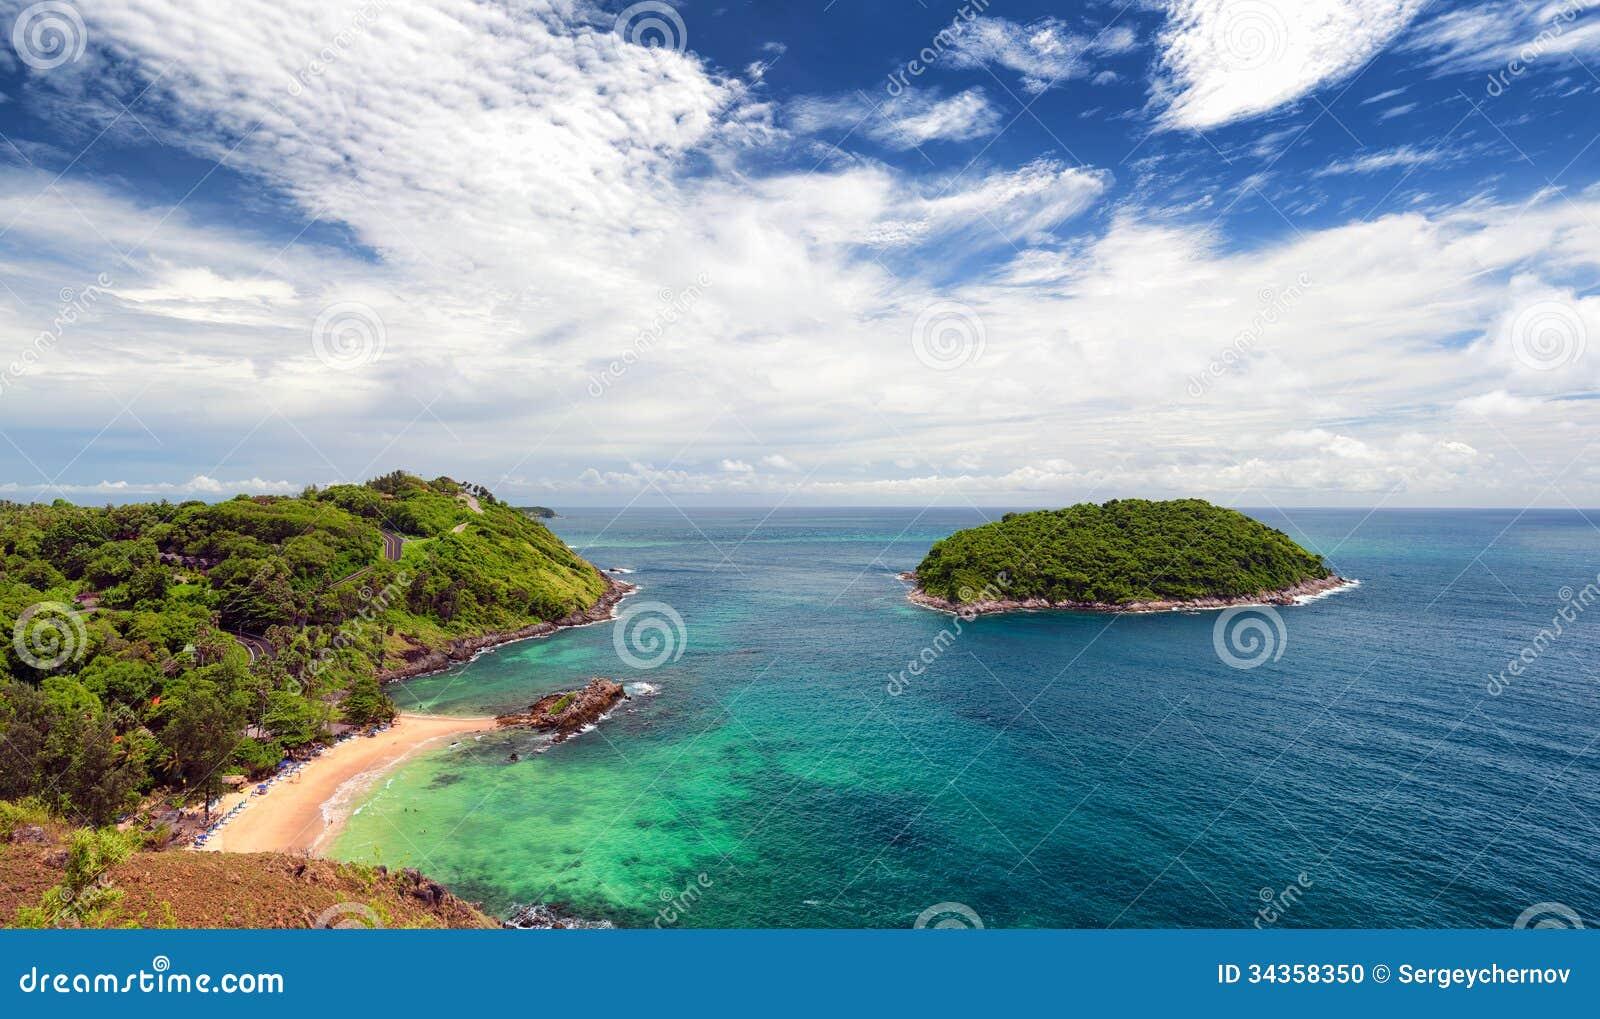 Playa de Phuket, isla tropical y opinión del mar. Verano de Tailandia